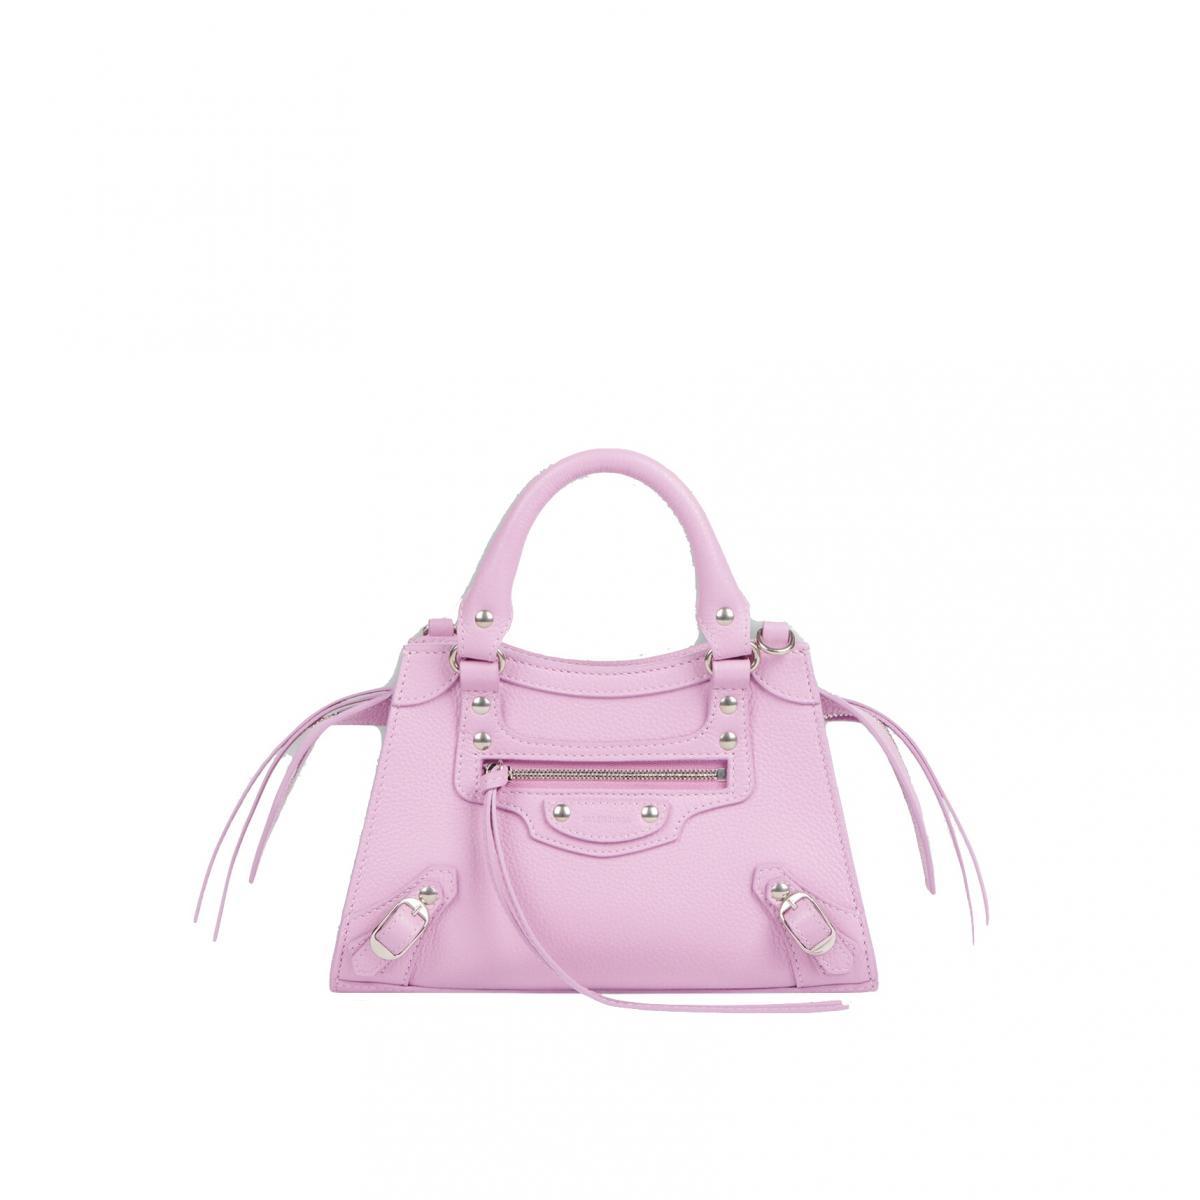 2021「粉色包包」推薦Top25!LV、BV、Celine ... 石英粉、珊瑚粉到櫻花粉紅全都包,Gucci「Diana」準備再掀竹節包風潮-10